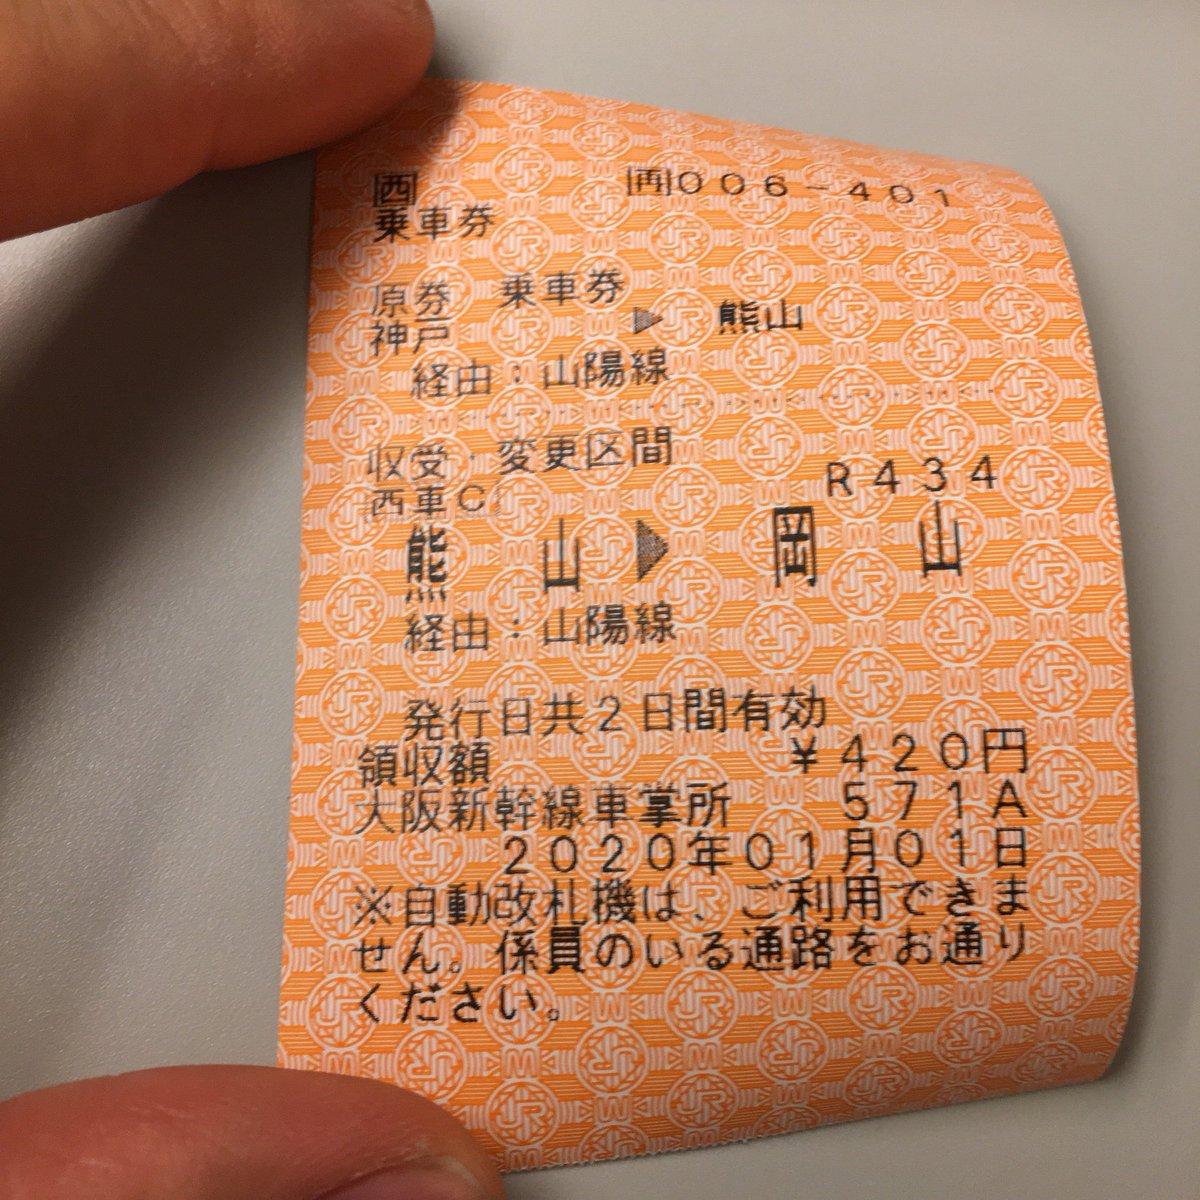 JR西日本の車発機で区間変更をお願いした際にクレジットカードを使用してみた。車掌氏が車発機まるごと手渡して来て、車発機の画面に指でサインをしたのだが、車発機持ててちょっと嬉しかったのはここだけの話w